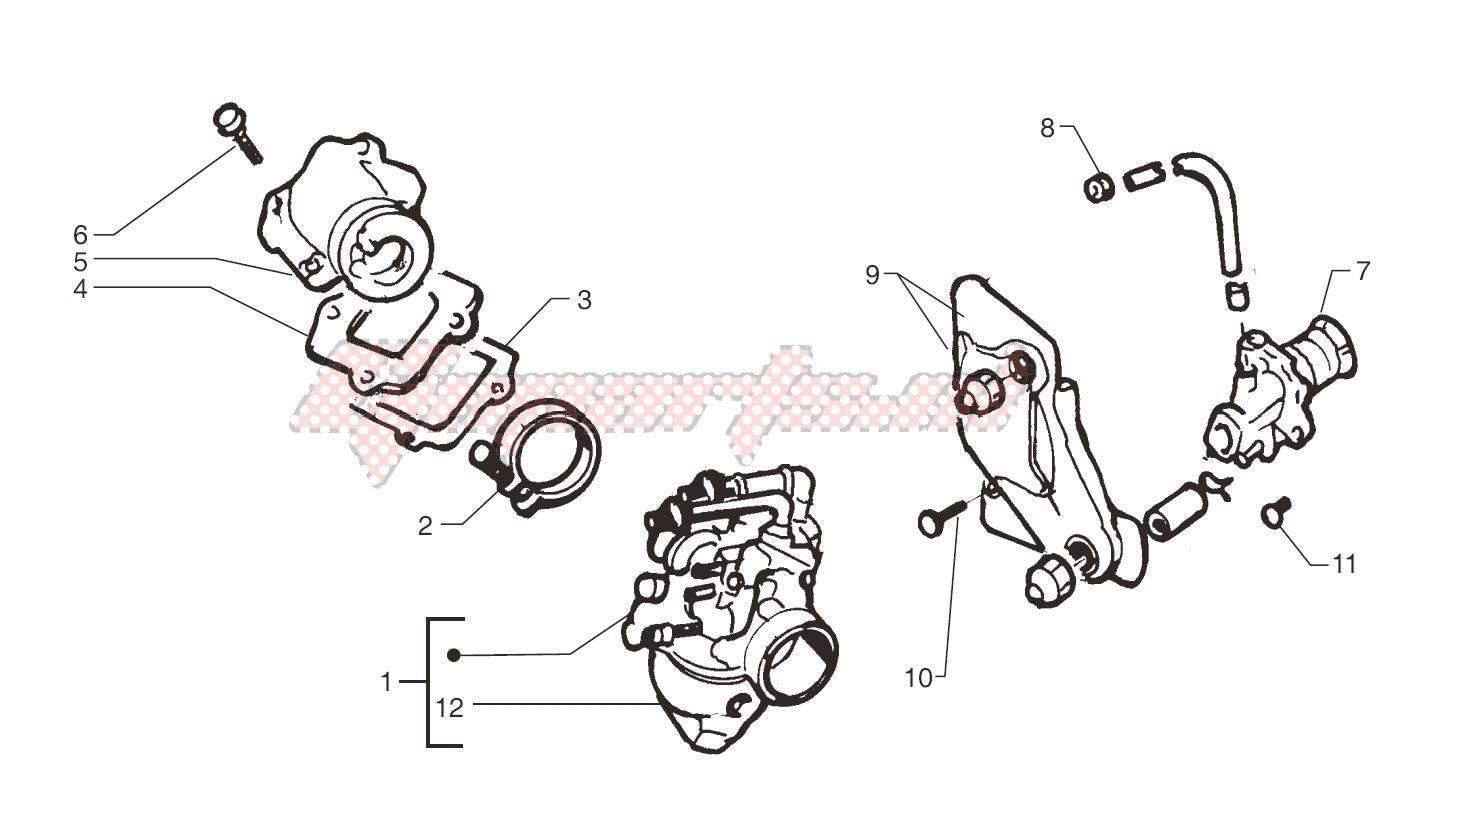 Oil pump - Carburettor image